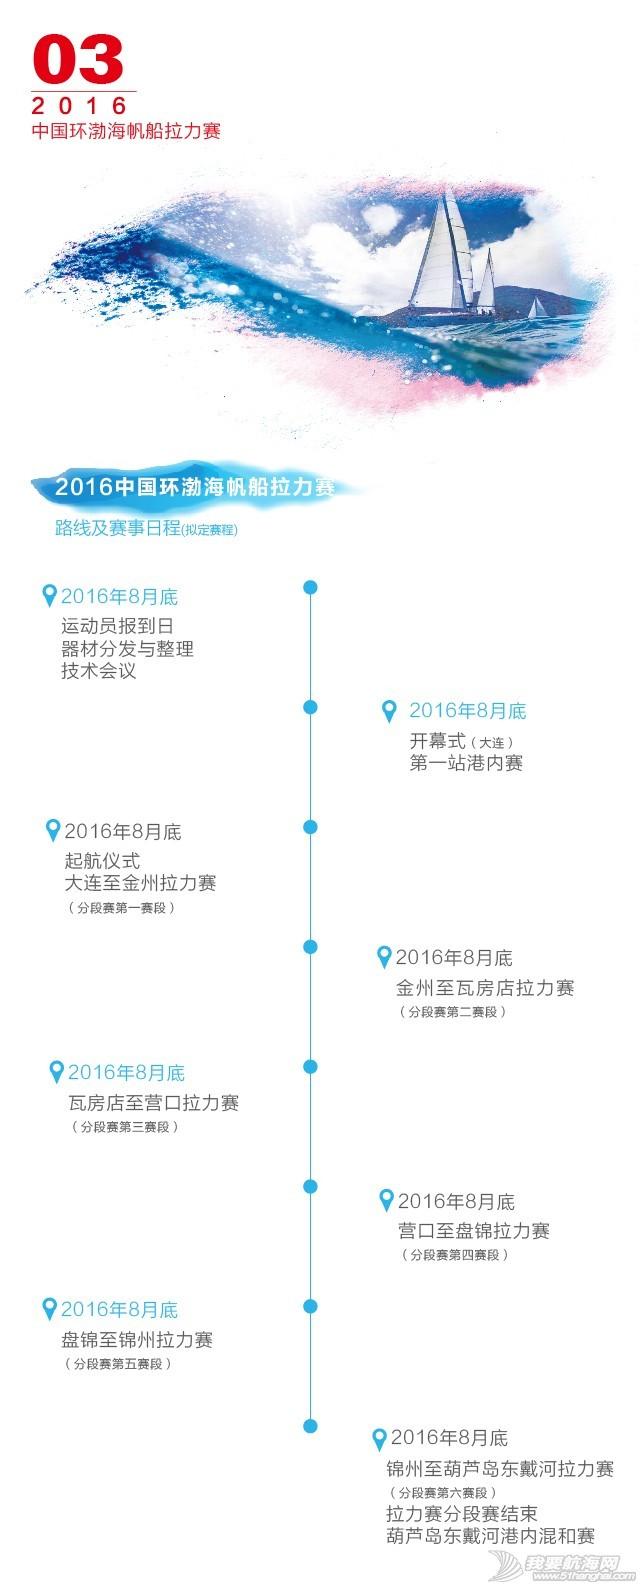 拉力赛,中国,渤海,帆船 2016中国环渤海帆船拉力赛 114220djggwkkxwiwgxaf8.jpg